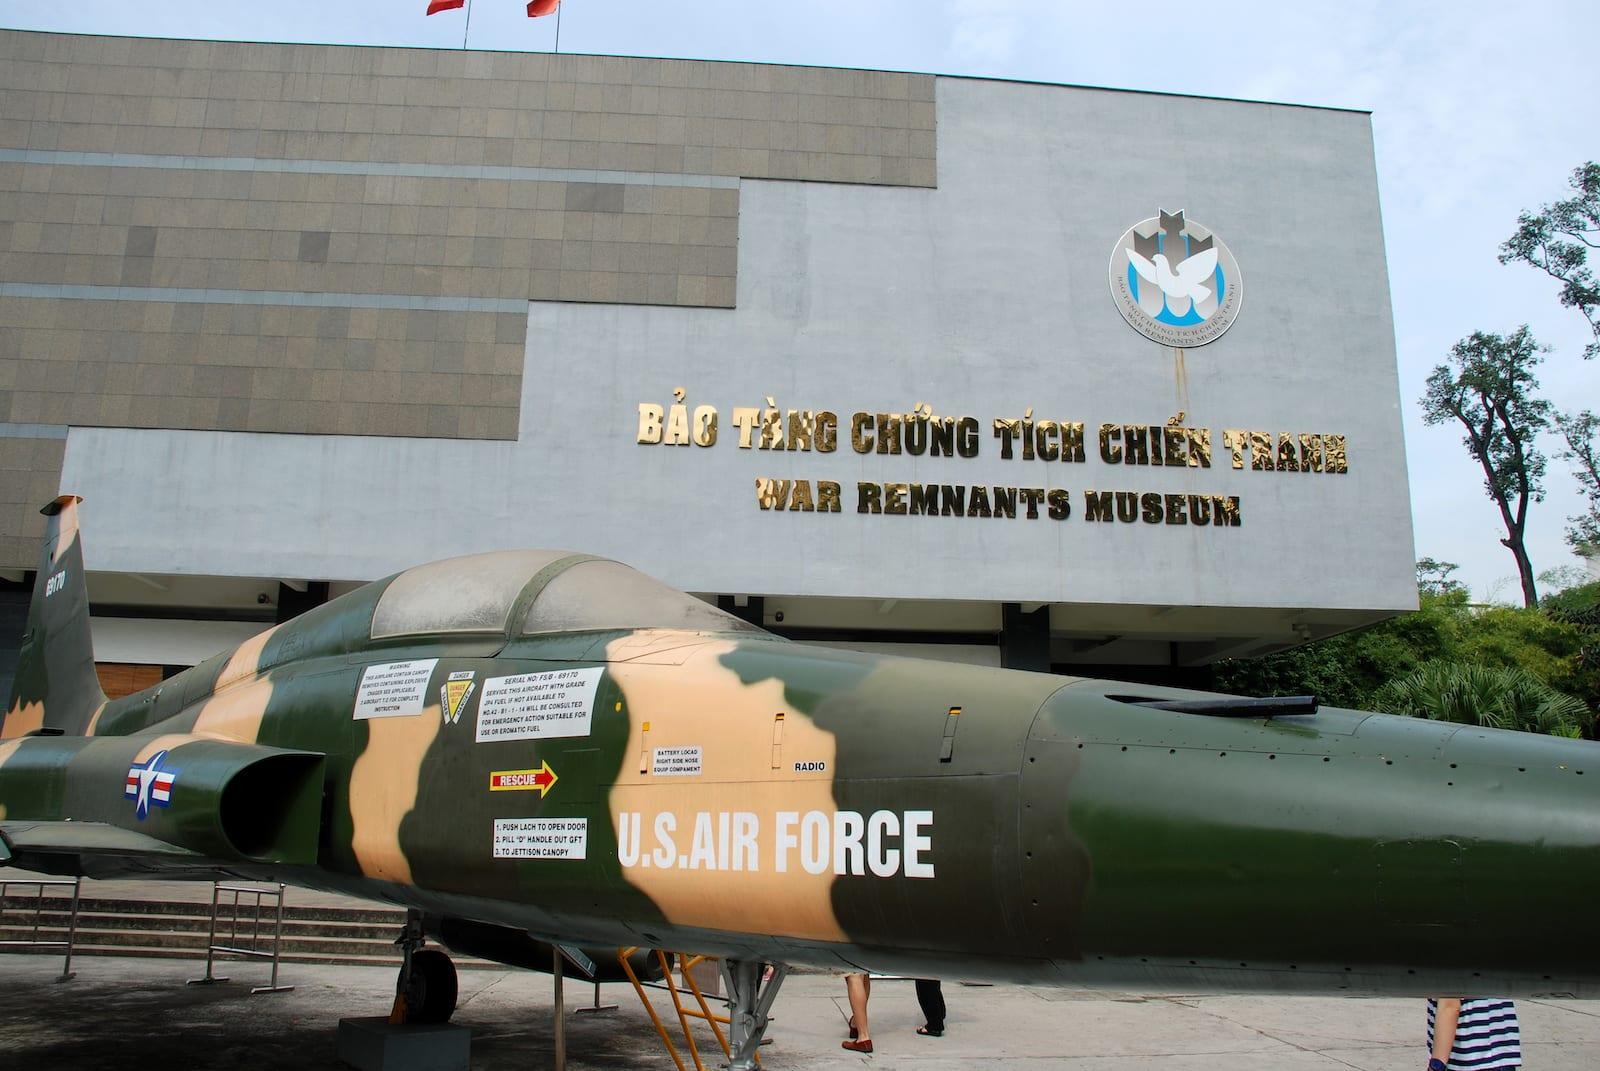 War Remnants Museum in HCMC